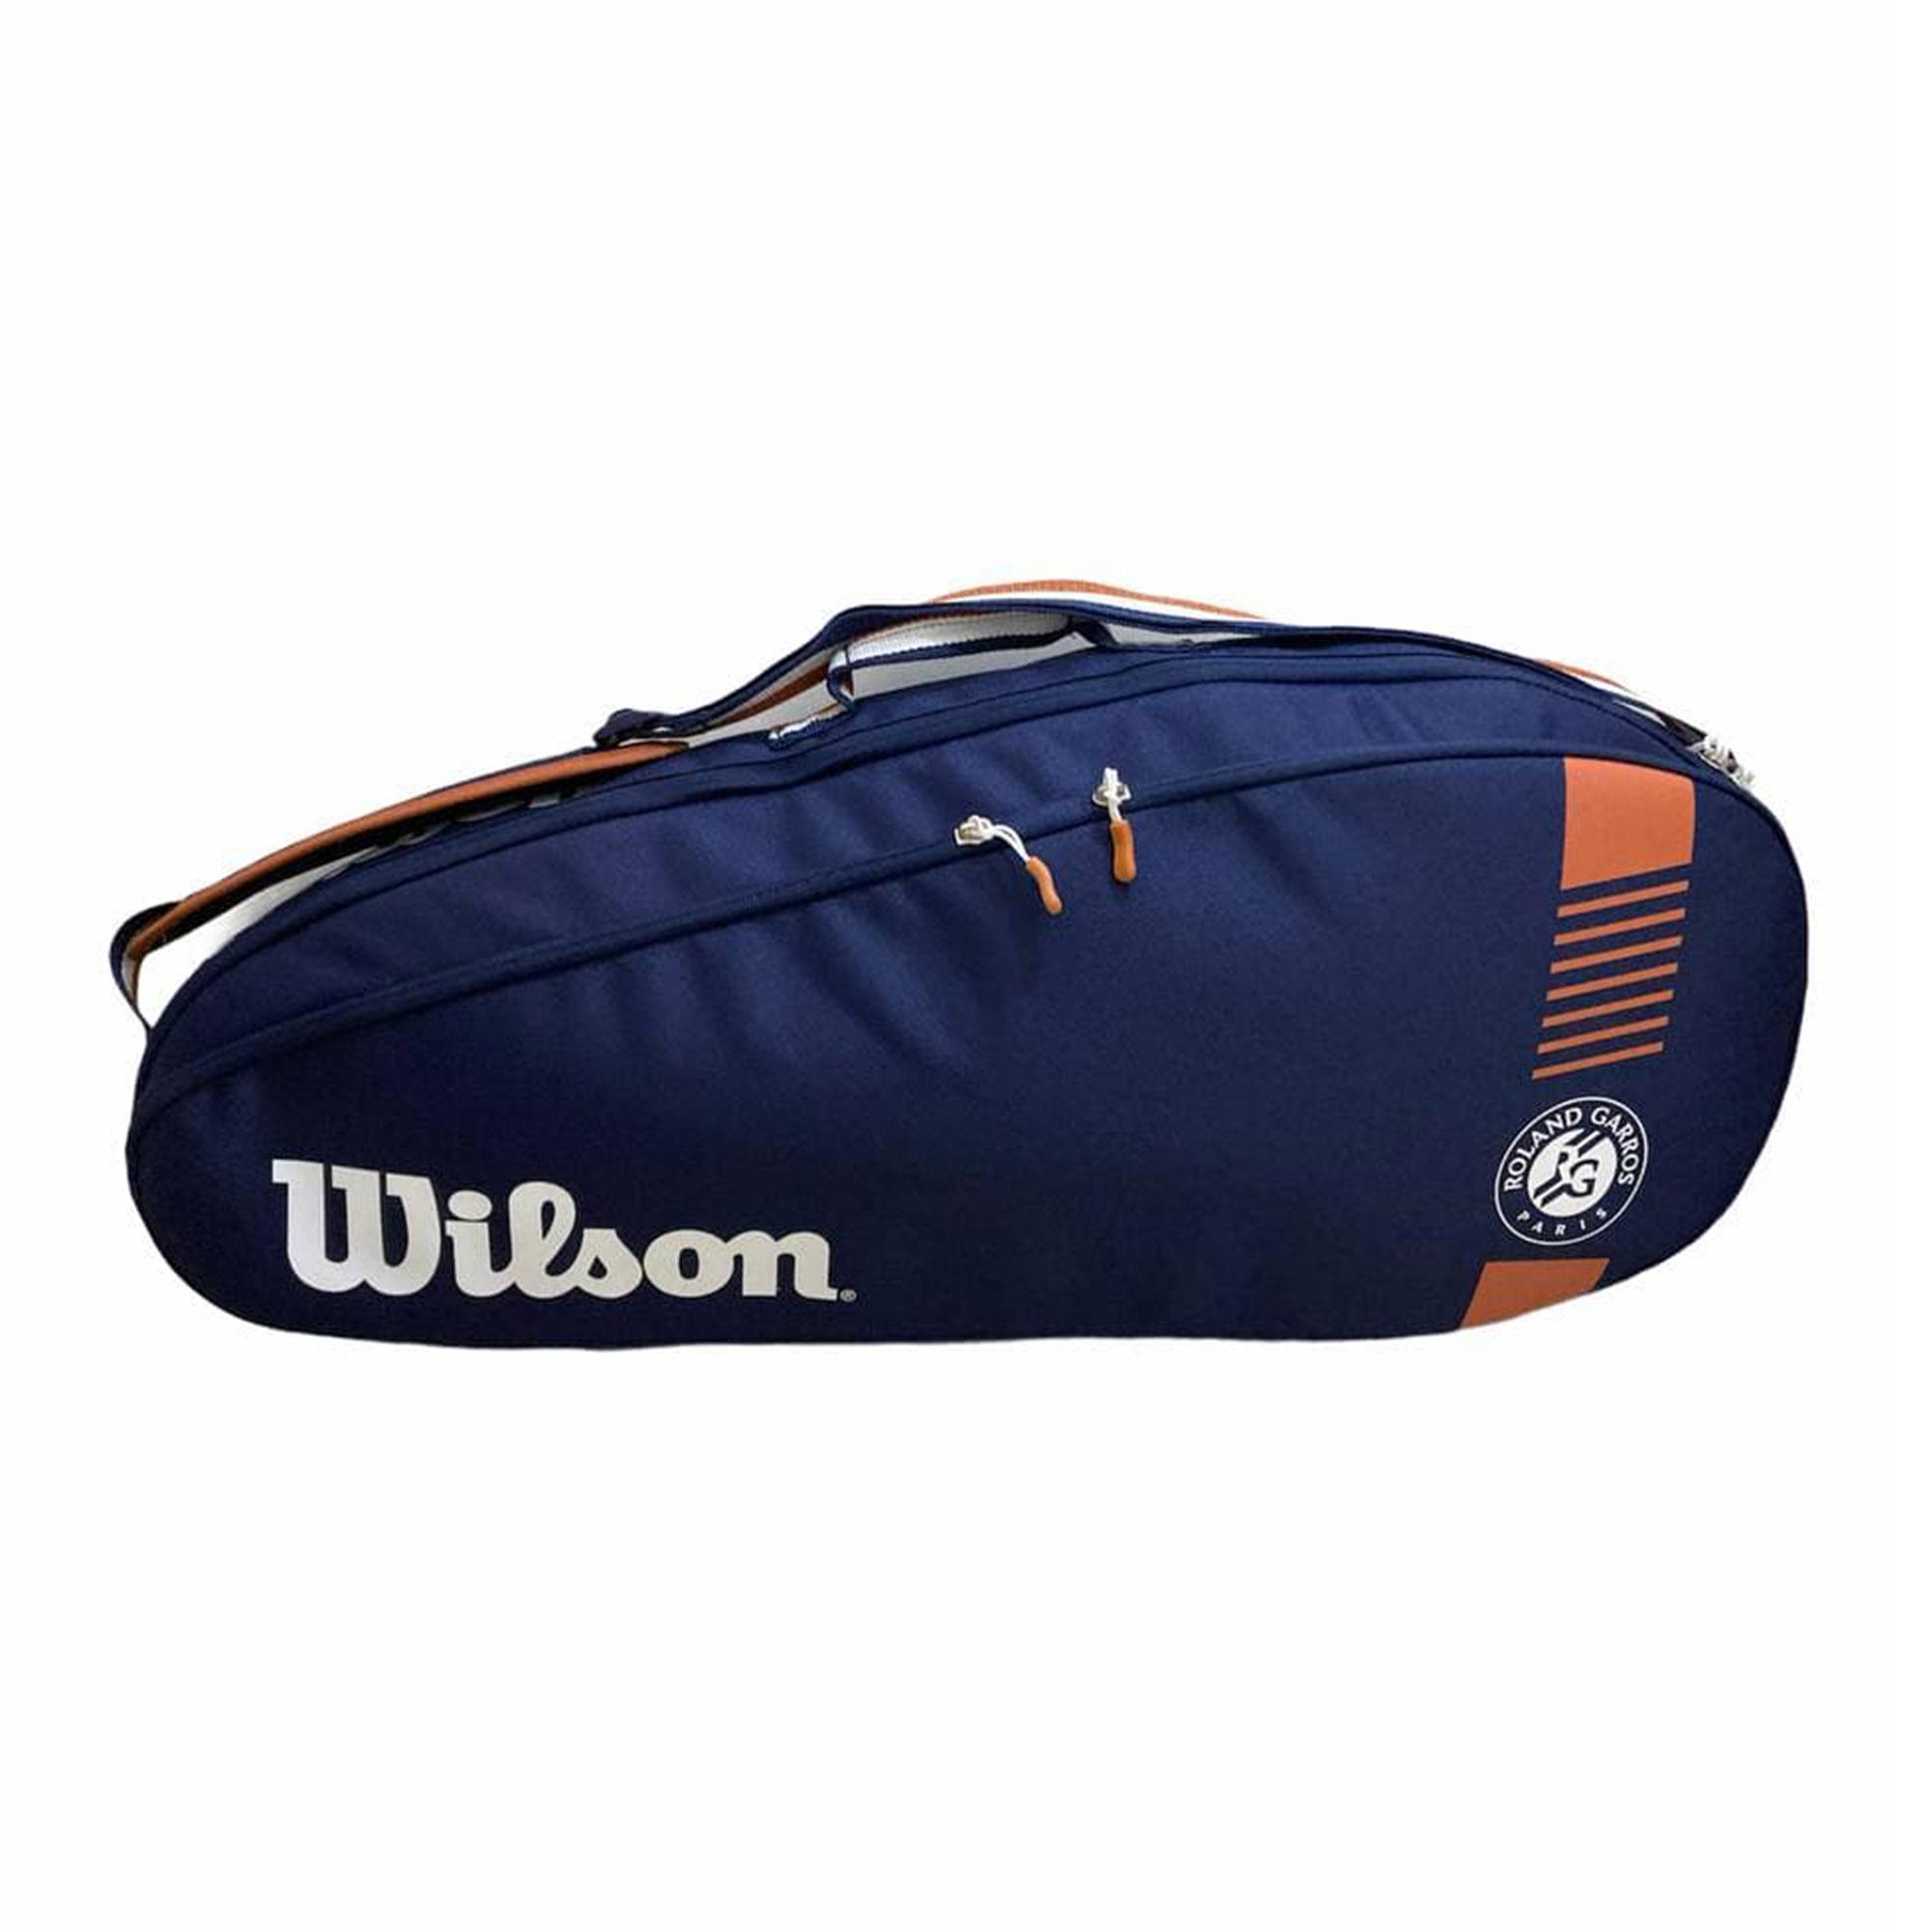 Raqueteira Wilson Roland Garros Team Azul e Marrom